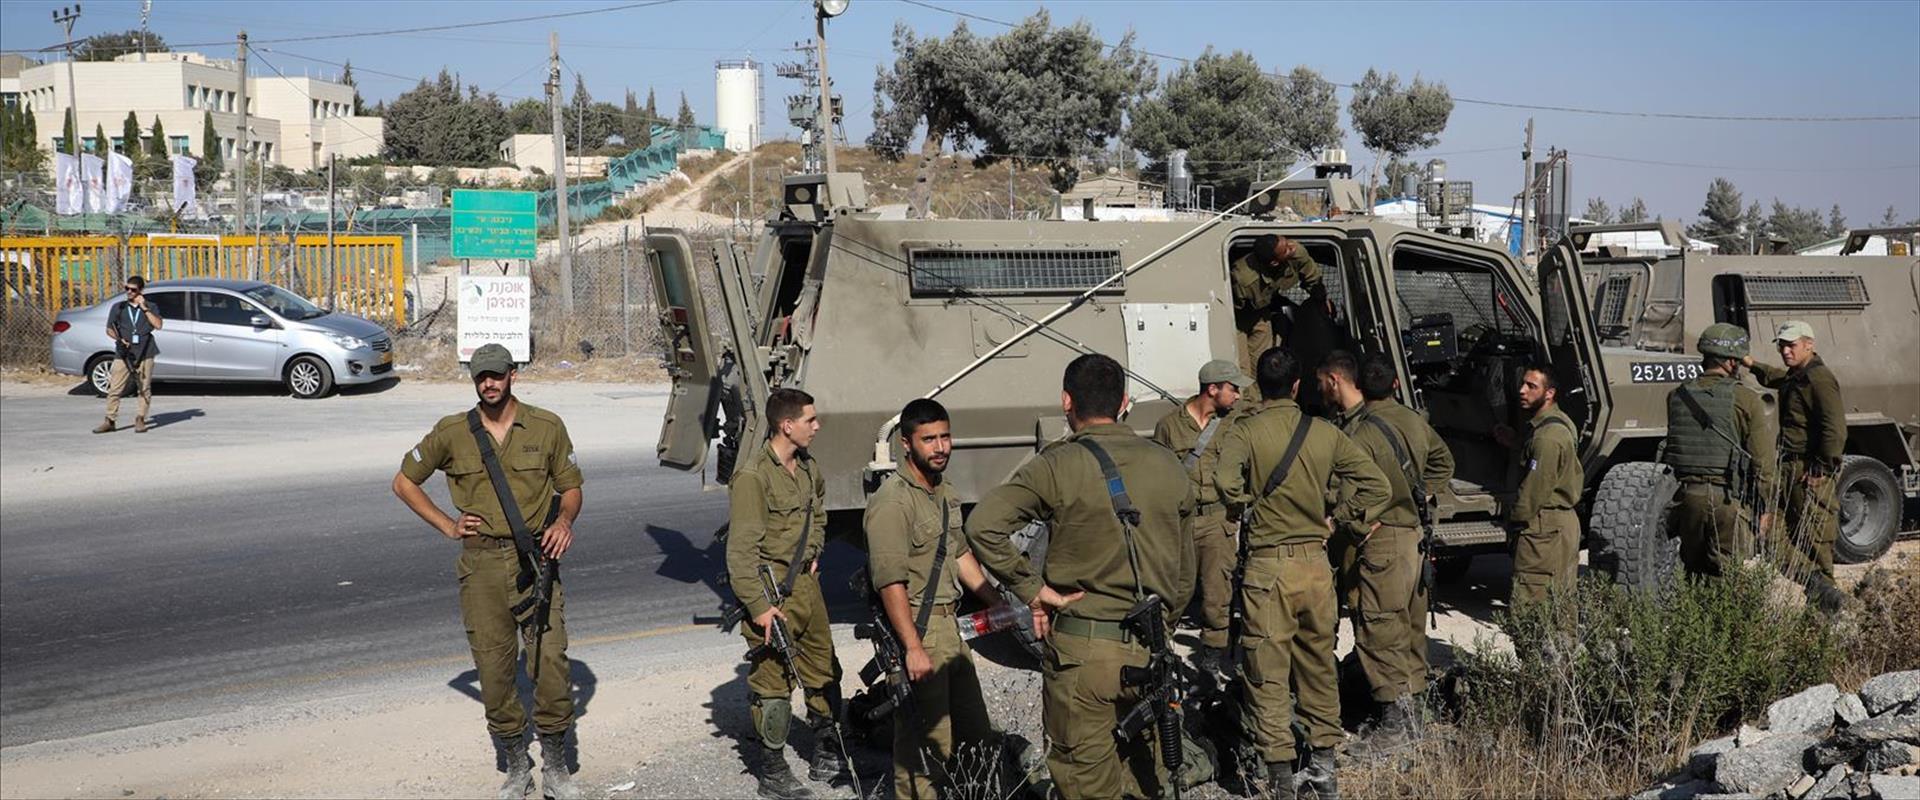 """כוחות צה""""ל מתגברים אבטחה בגוש עציון"""